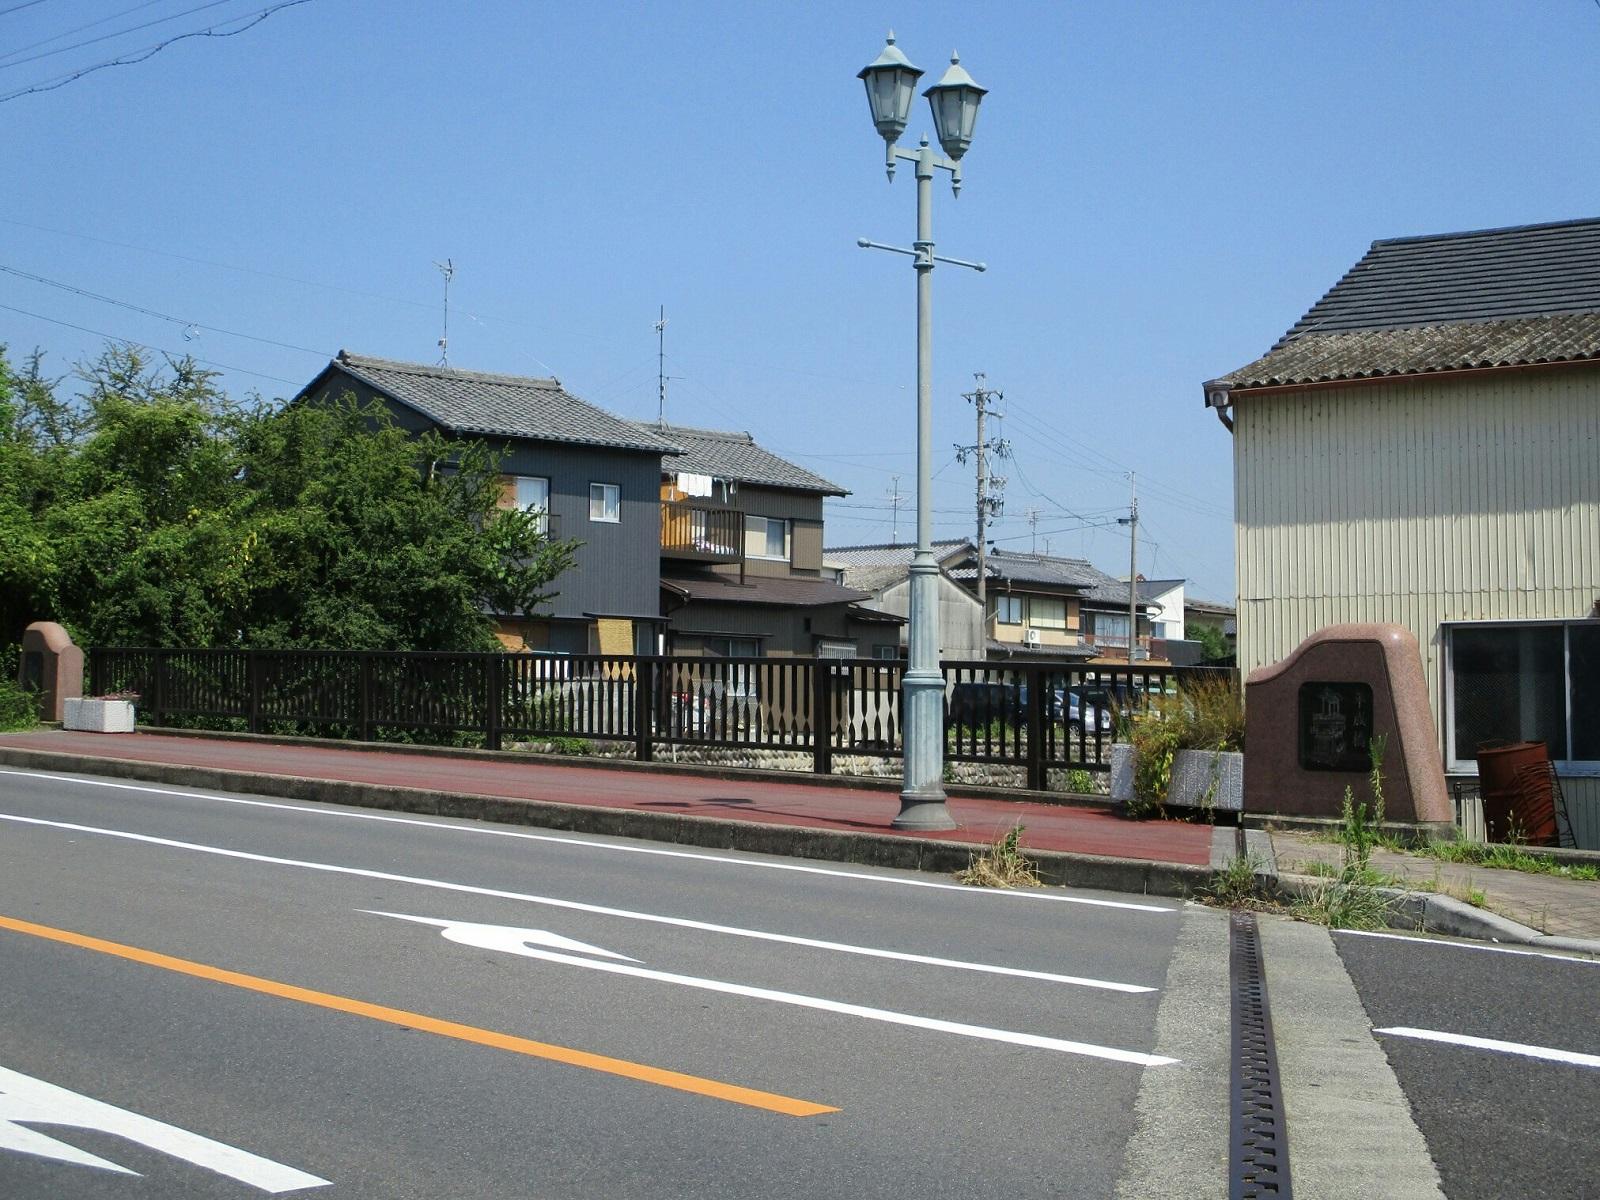 2018.7.18 (62) 竹鼻 - 平成橋 1600-1200